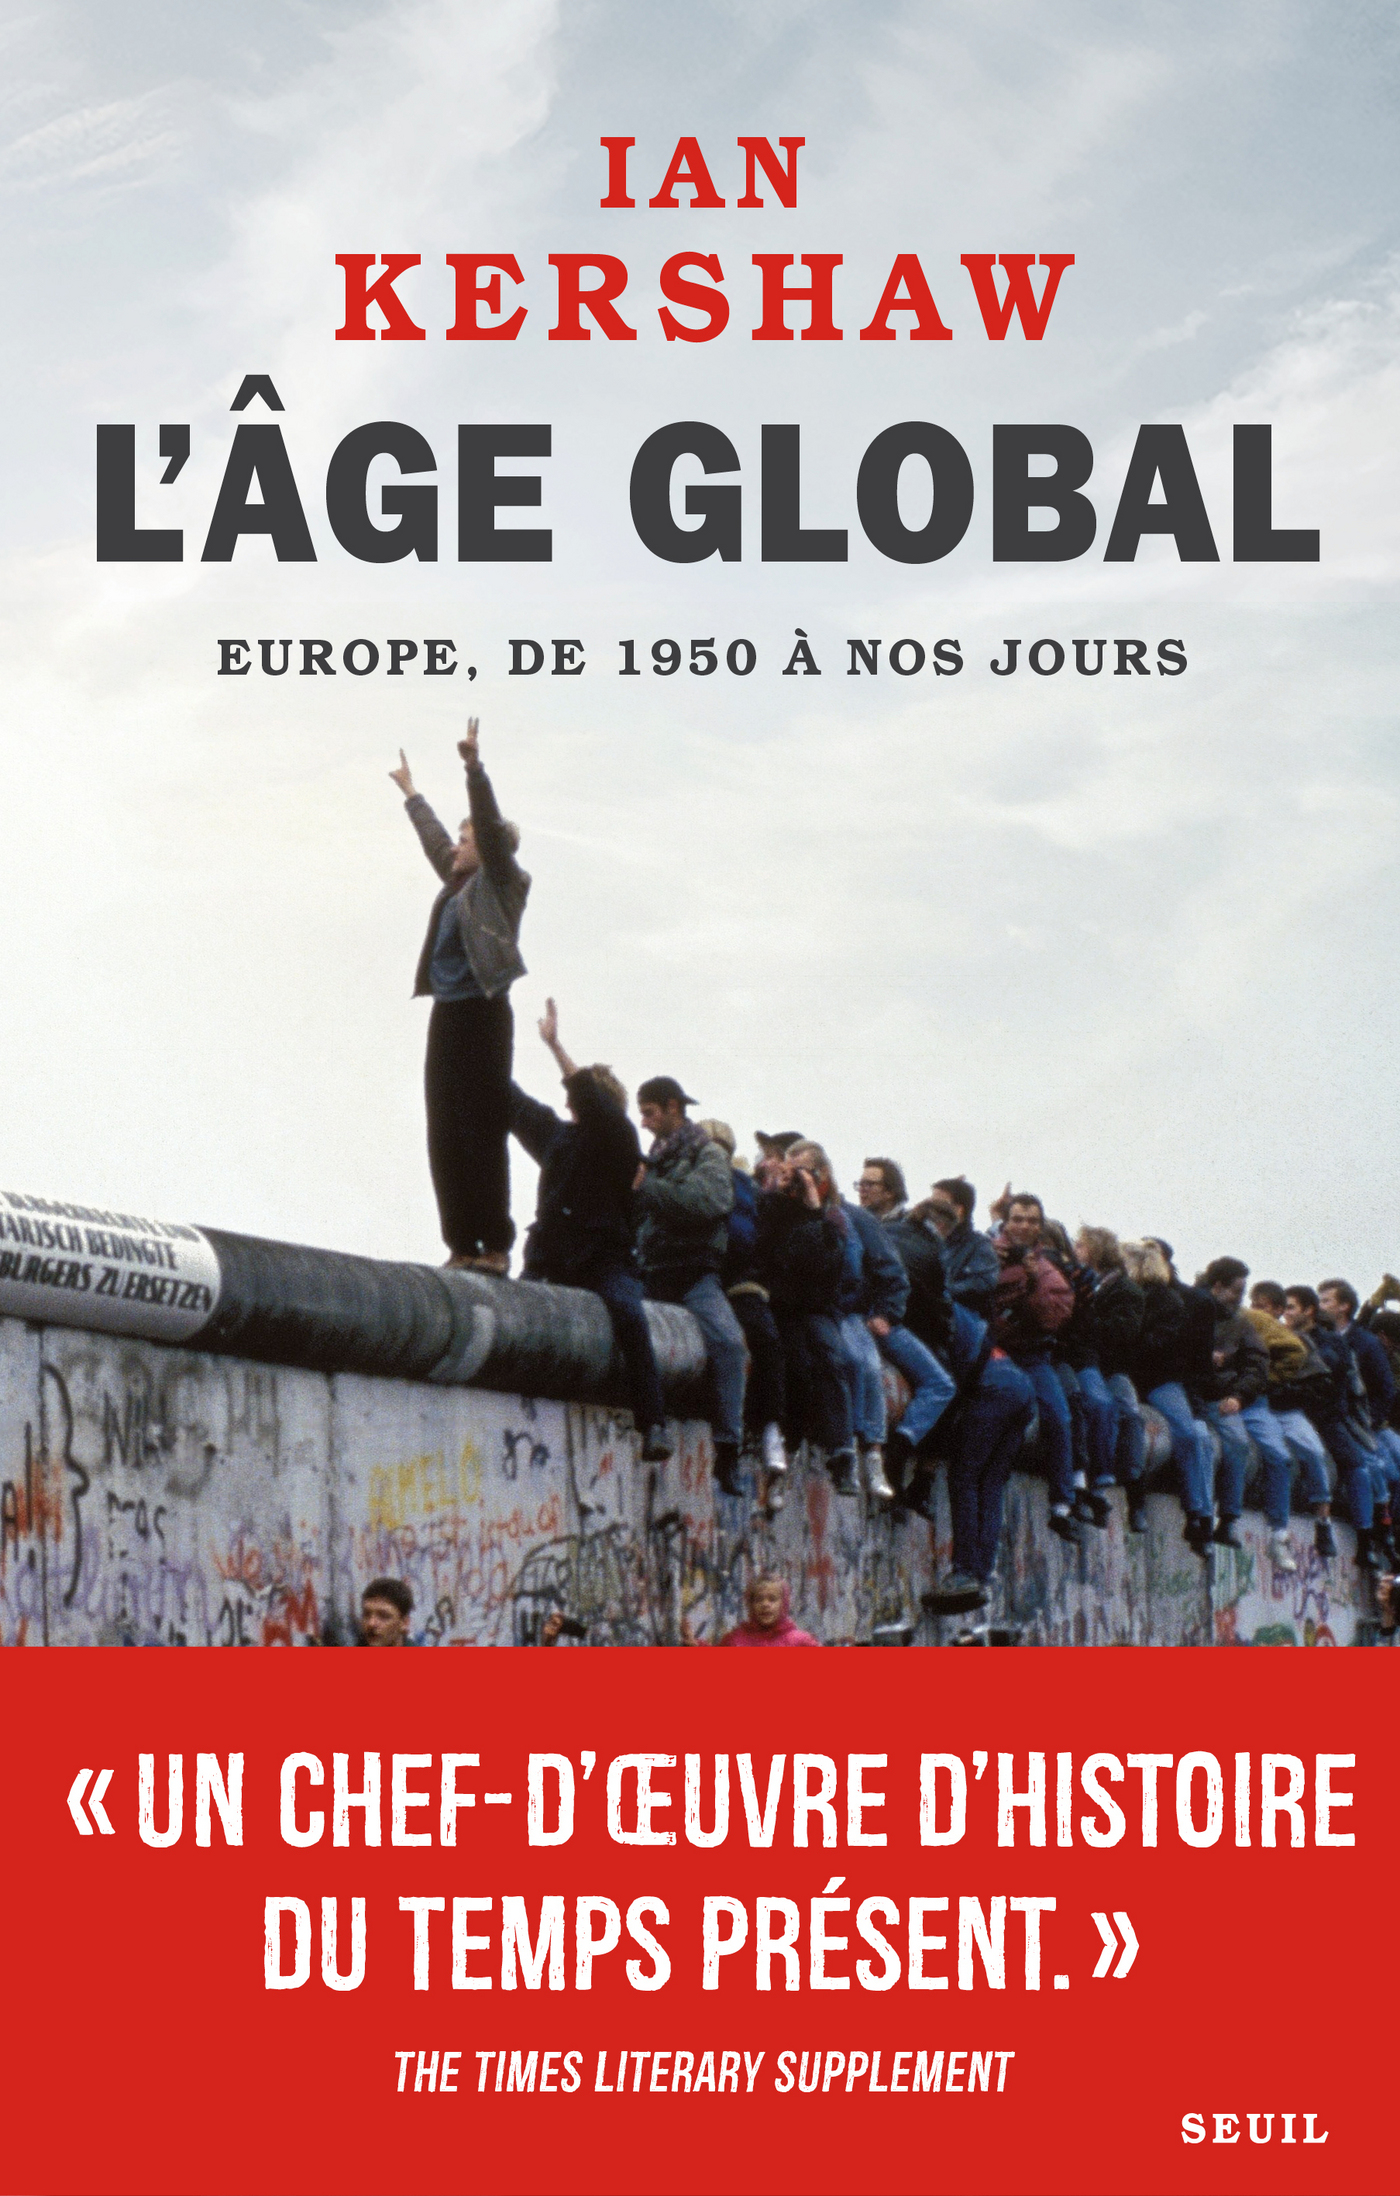 L'AGE GLOBAL. L'EUROPE, DE 1950 A NOS JOURS - VOL02